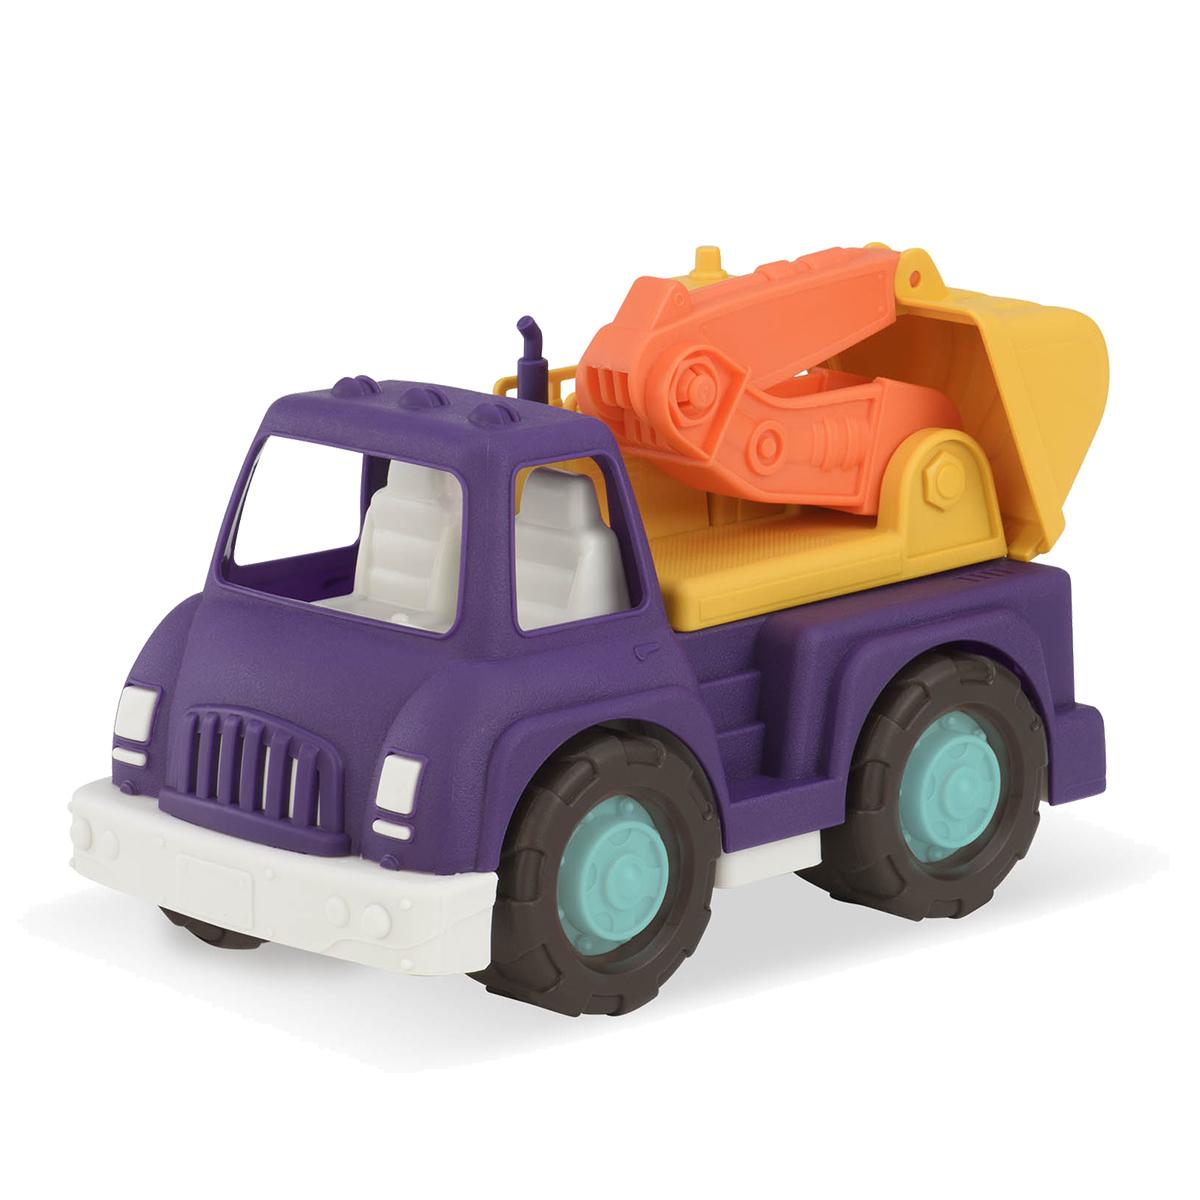 Wonder Wheels Экскаватор68036С нашими машинками любая работа по плечу и в удовольствие! Спасайте людей, тушите пожары, перевозите землю, гравий, стройте дороги, по которым вы можете поехать к новым приключениям! Нашим Колесам нет преград!